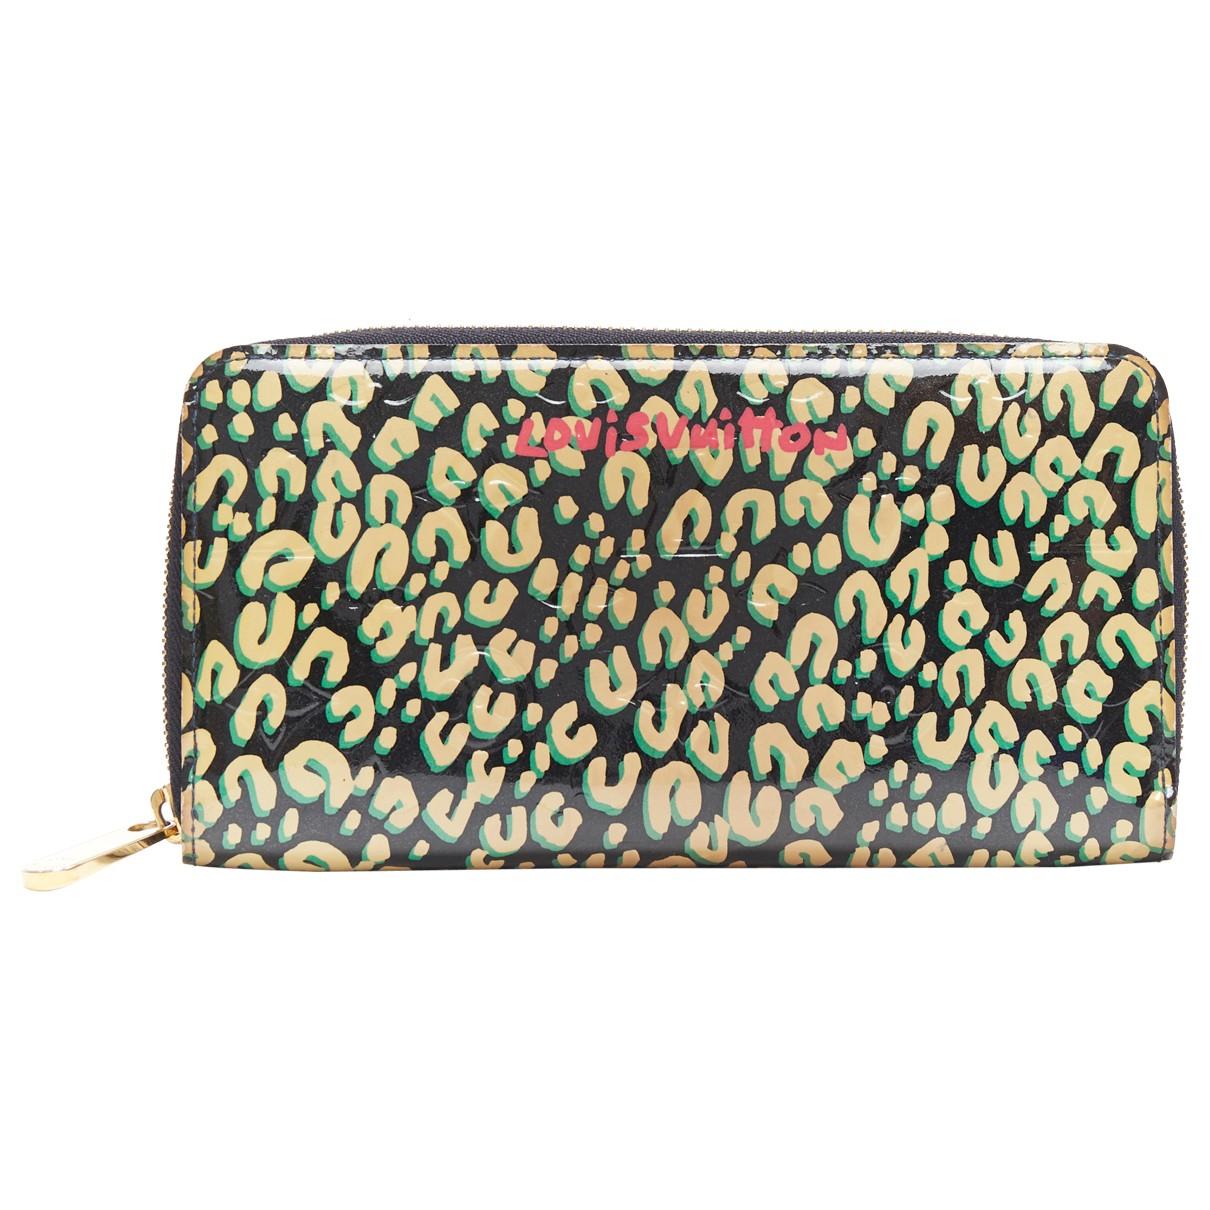 Louis Vuitton - Portefeuille Zippy pour femme en cuir verni - vert